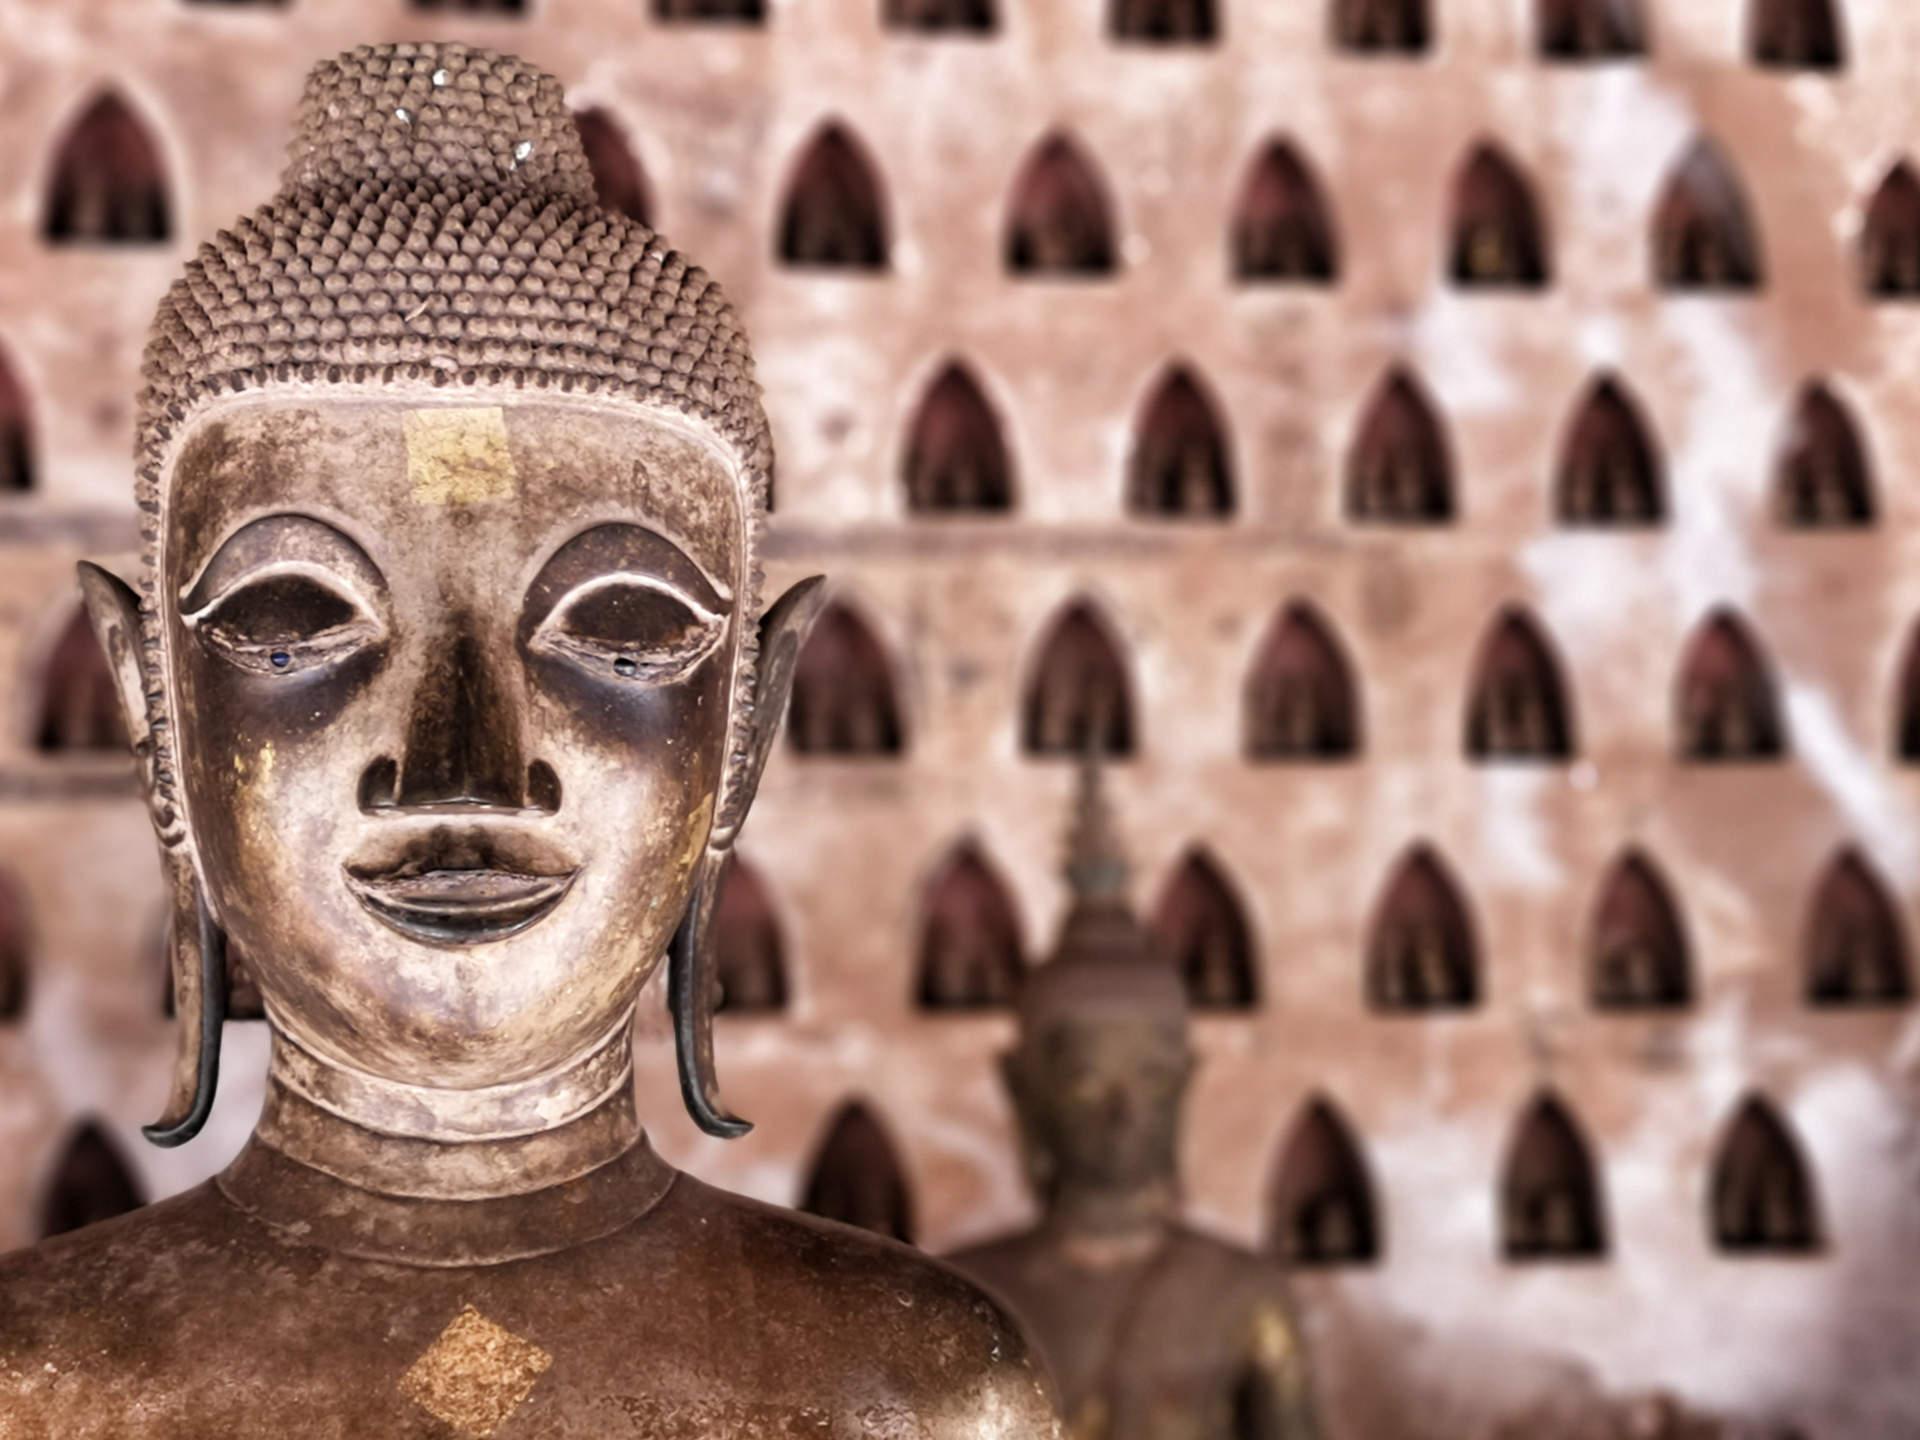 Reisen verändert vieles. Sechs Monate in Thailand haben mich gelehrt, weniger zu planen und vieles einfach herankommen zu lassen.